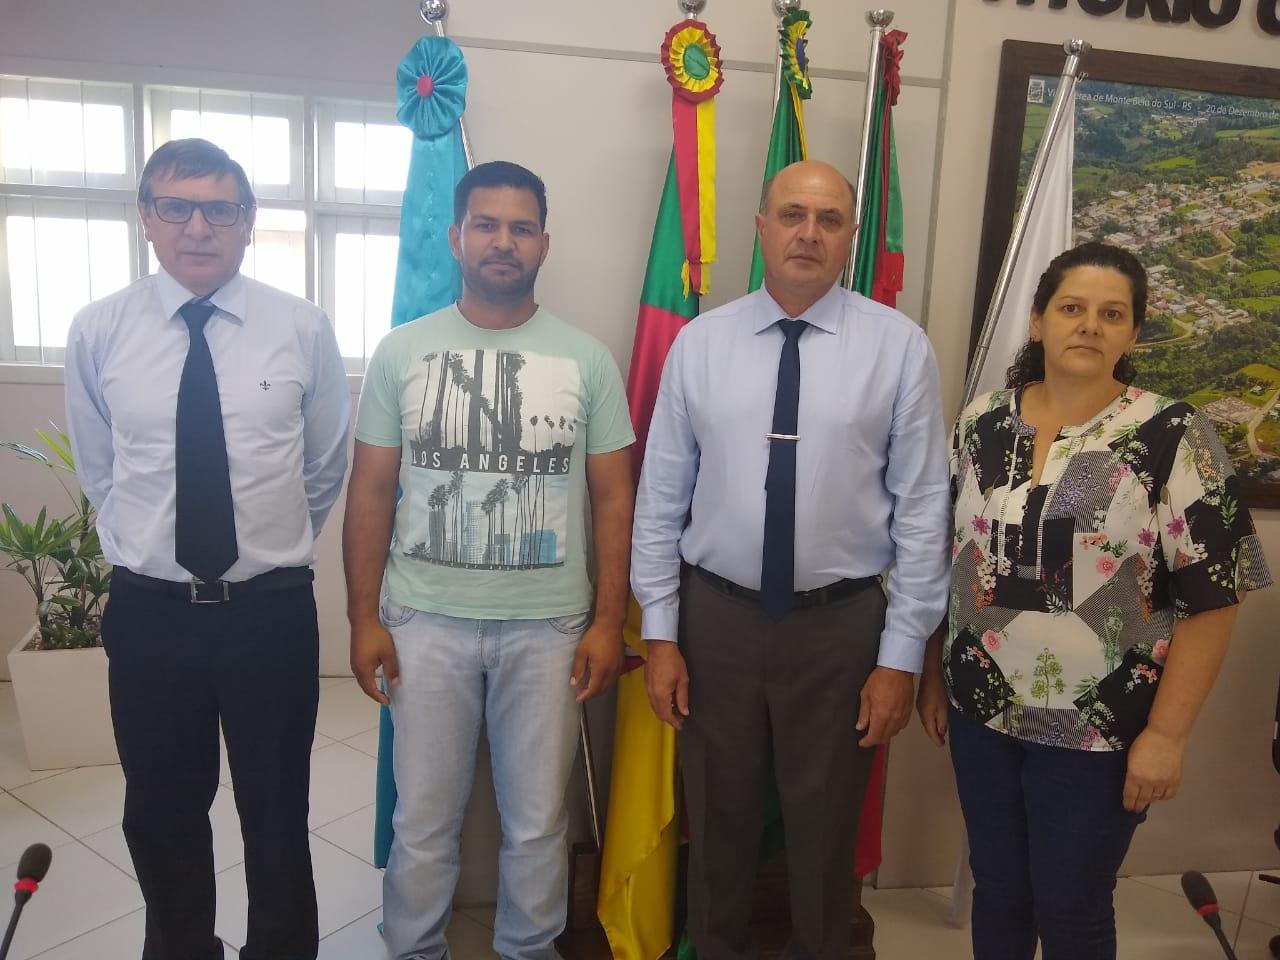 Eleita nova Mesa Diretora para Câmara de Monte Belo em 2020